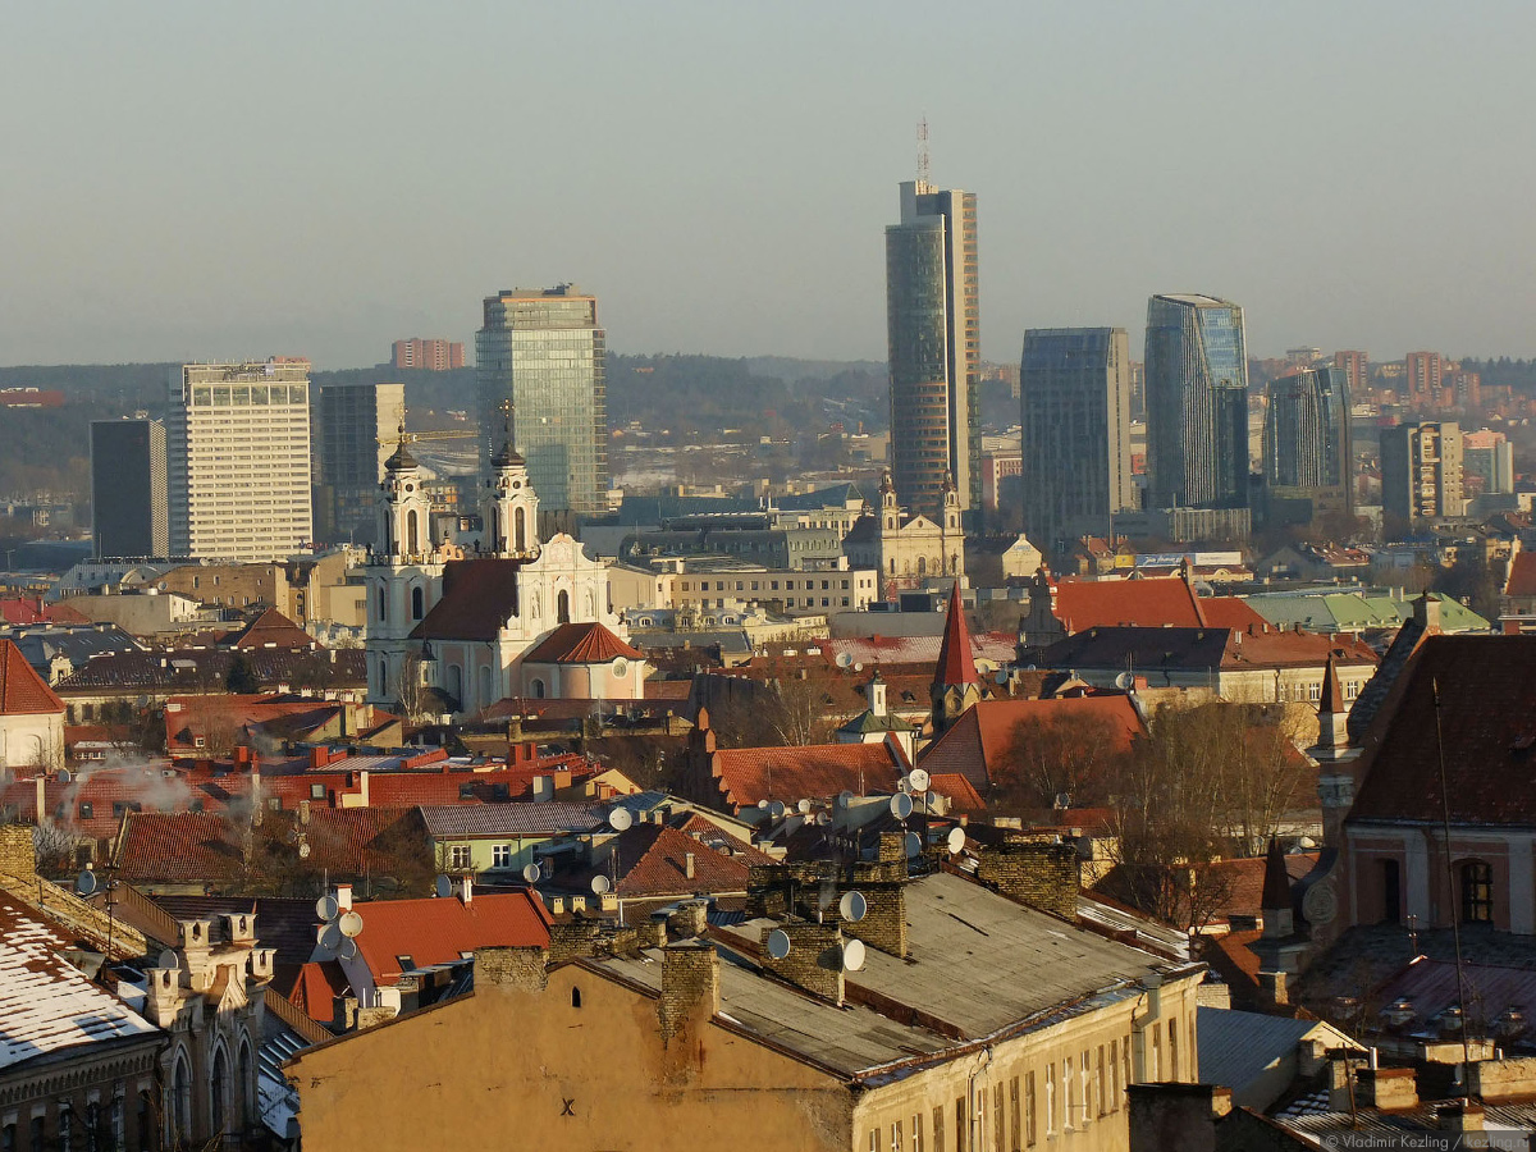 Весенняя Литва. Взгляды на литовскую столицу сверху или Смотровые площадки Вильнюса